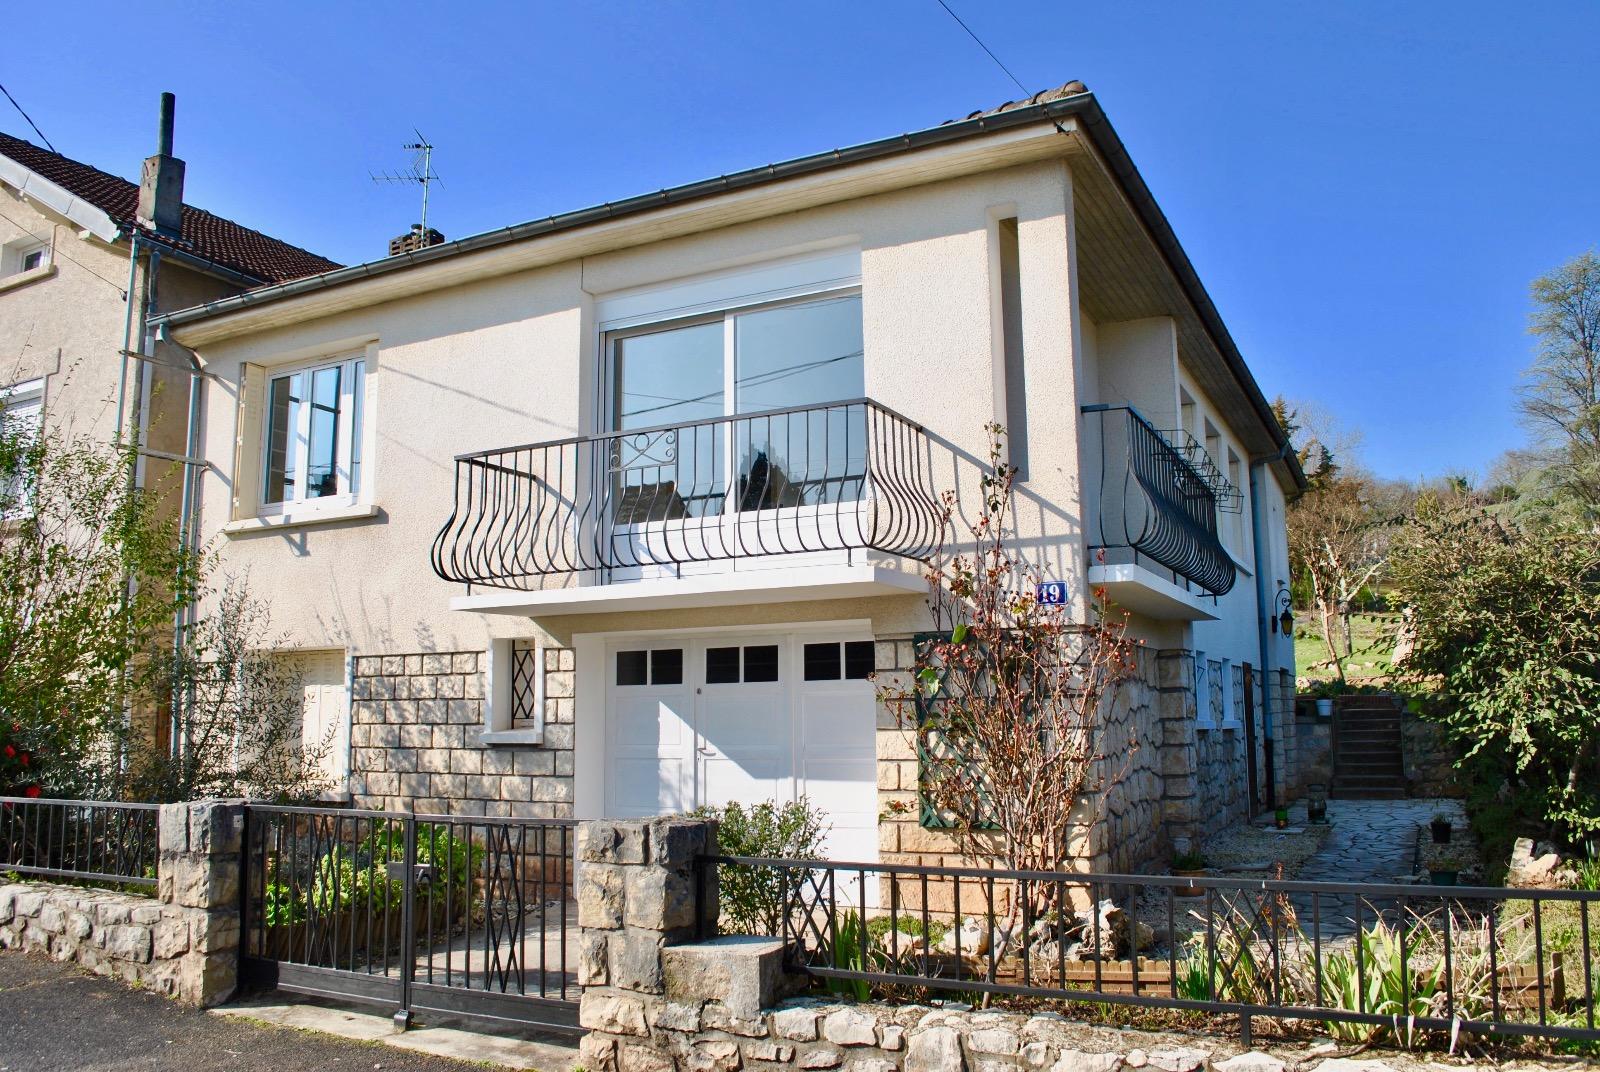 Vente brive quartier imp ts maison 4 pi ces 130m2 garage for Jardin 600m2